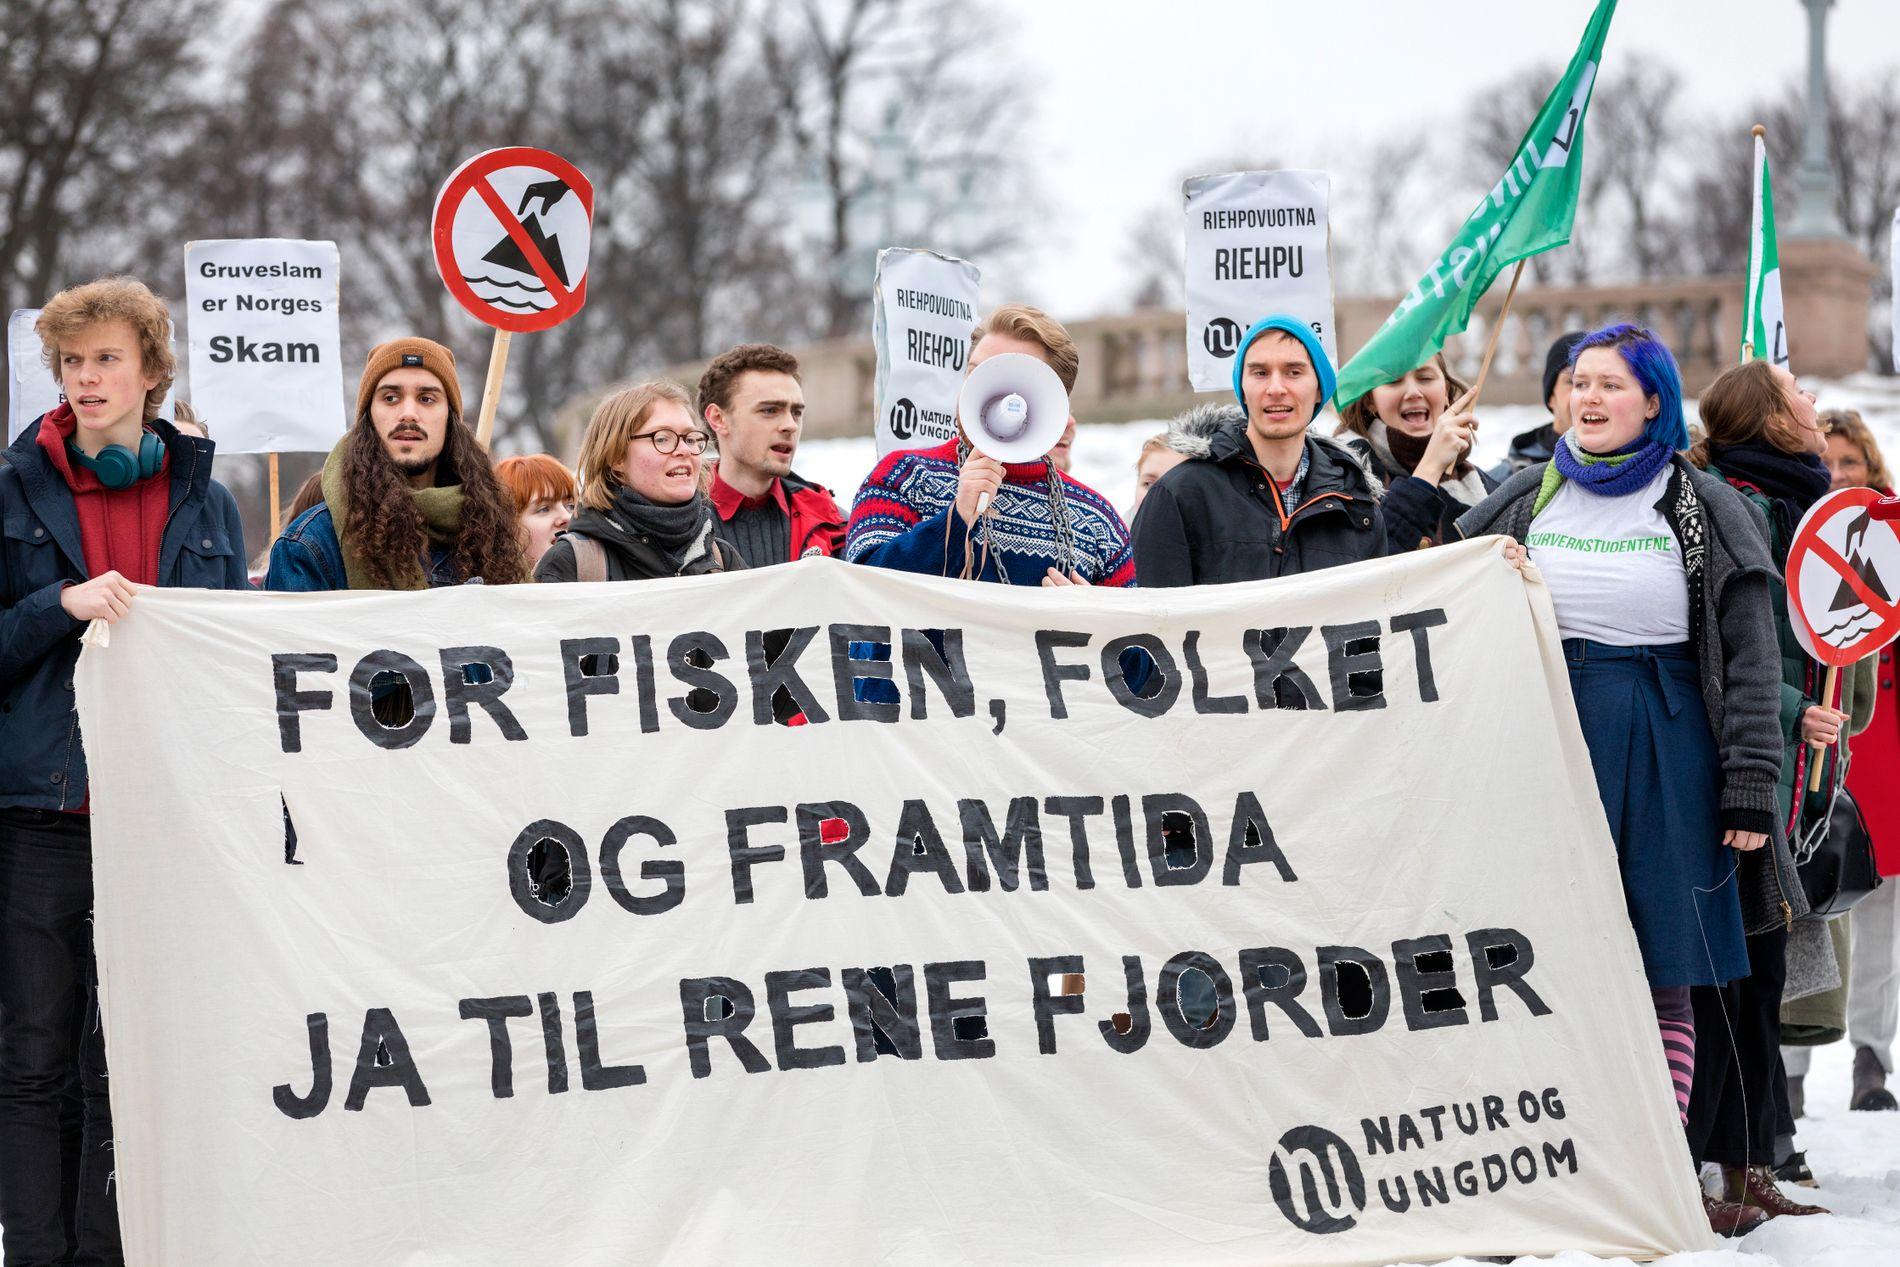 MOTSTAND: Beslutningen om gruvedrift i Finnmark har utløst protester, som her ved slottet i Oslo fredag.